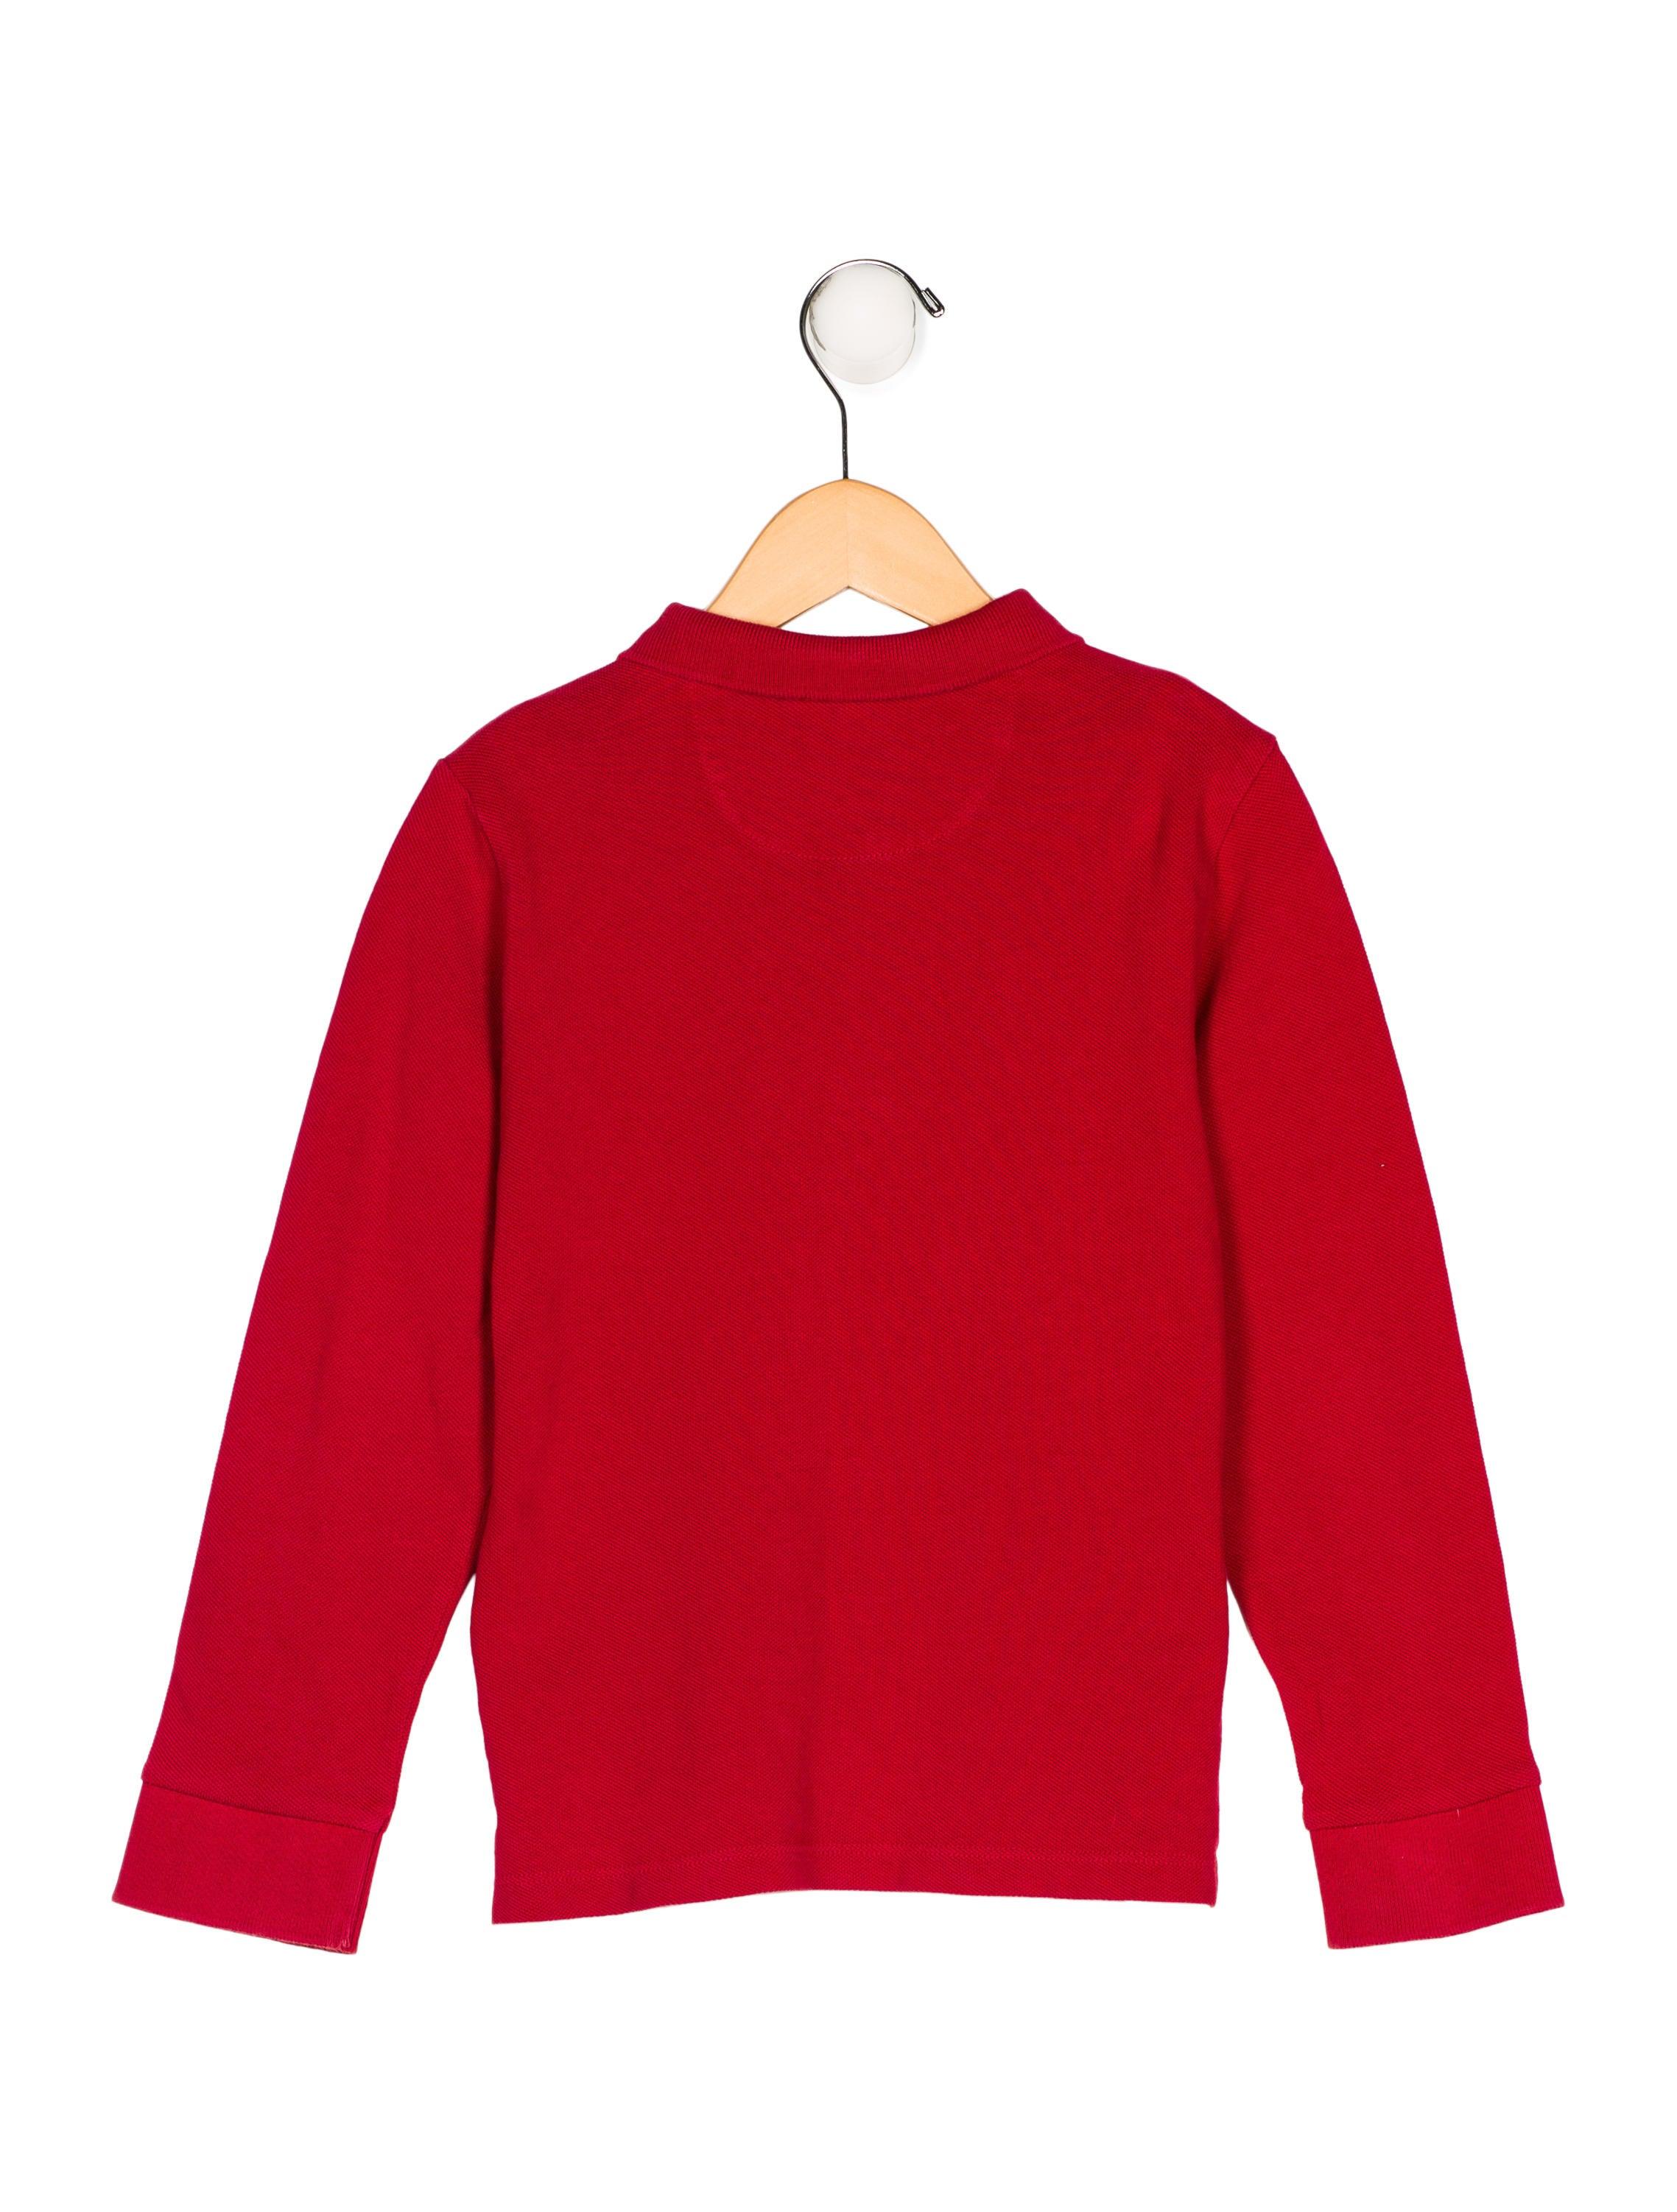 Burberry boys 39 long sleeve polo shirt boys bur72619 for Long sleeved polo shirts for boys